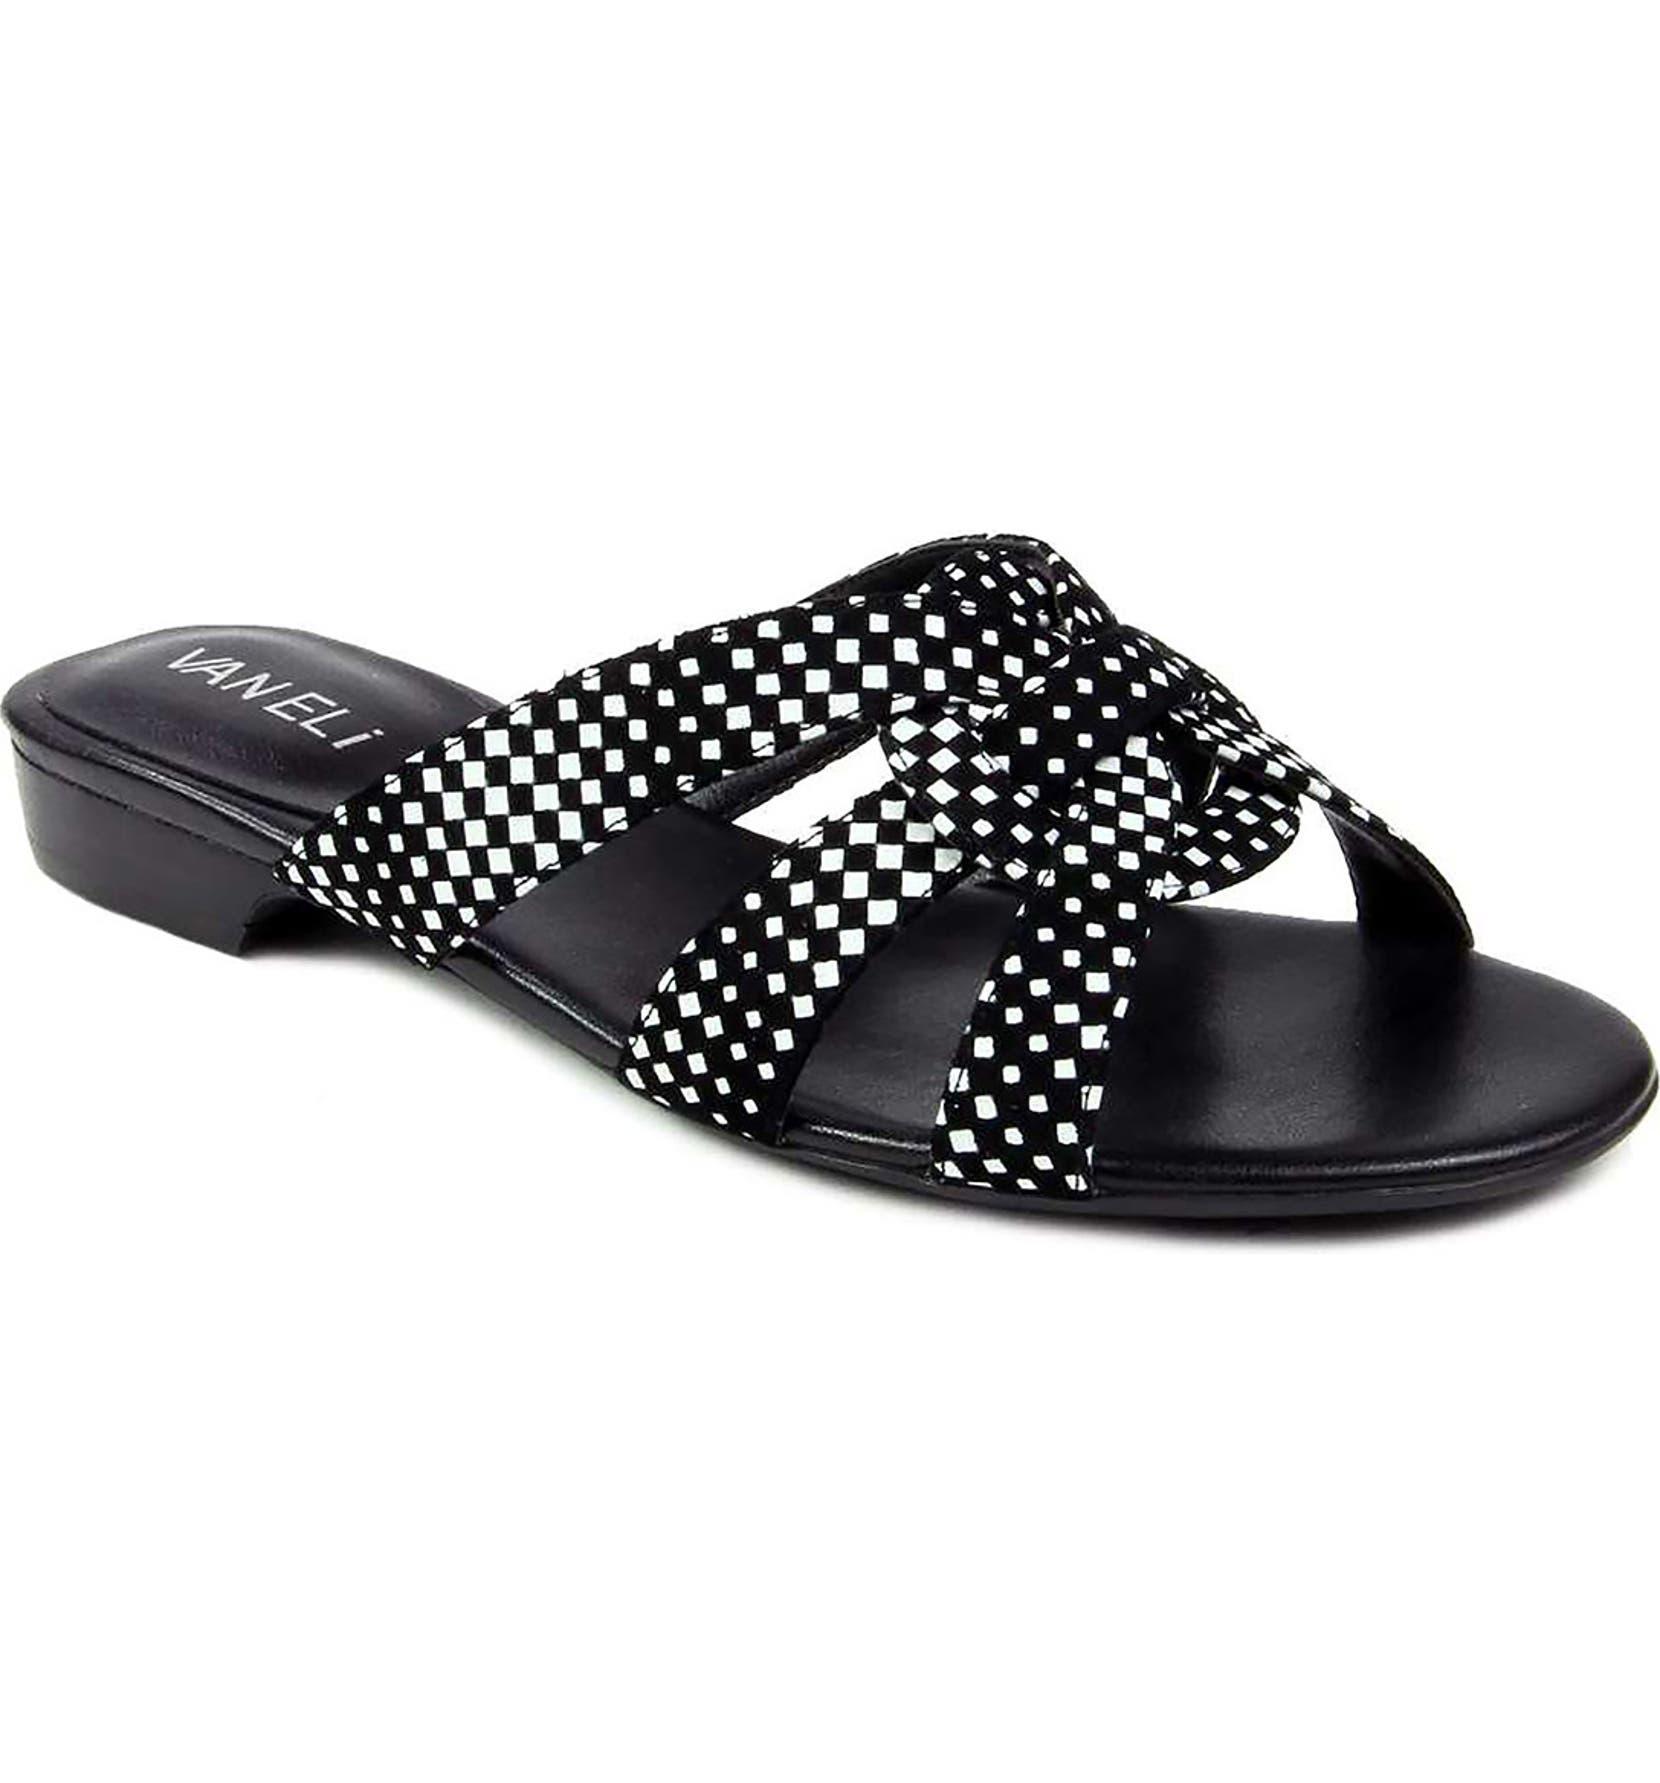 9ab01722c VANELi Broska Check Slide Sandal (Women)   Nordstrom